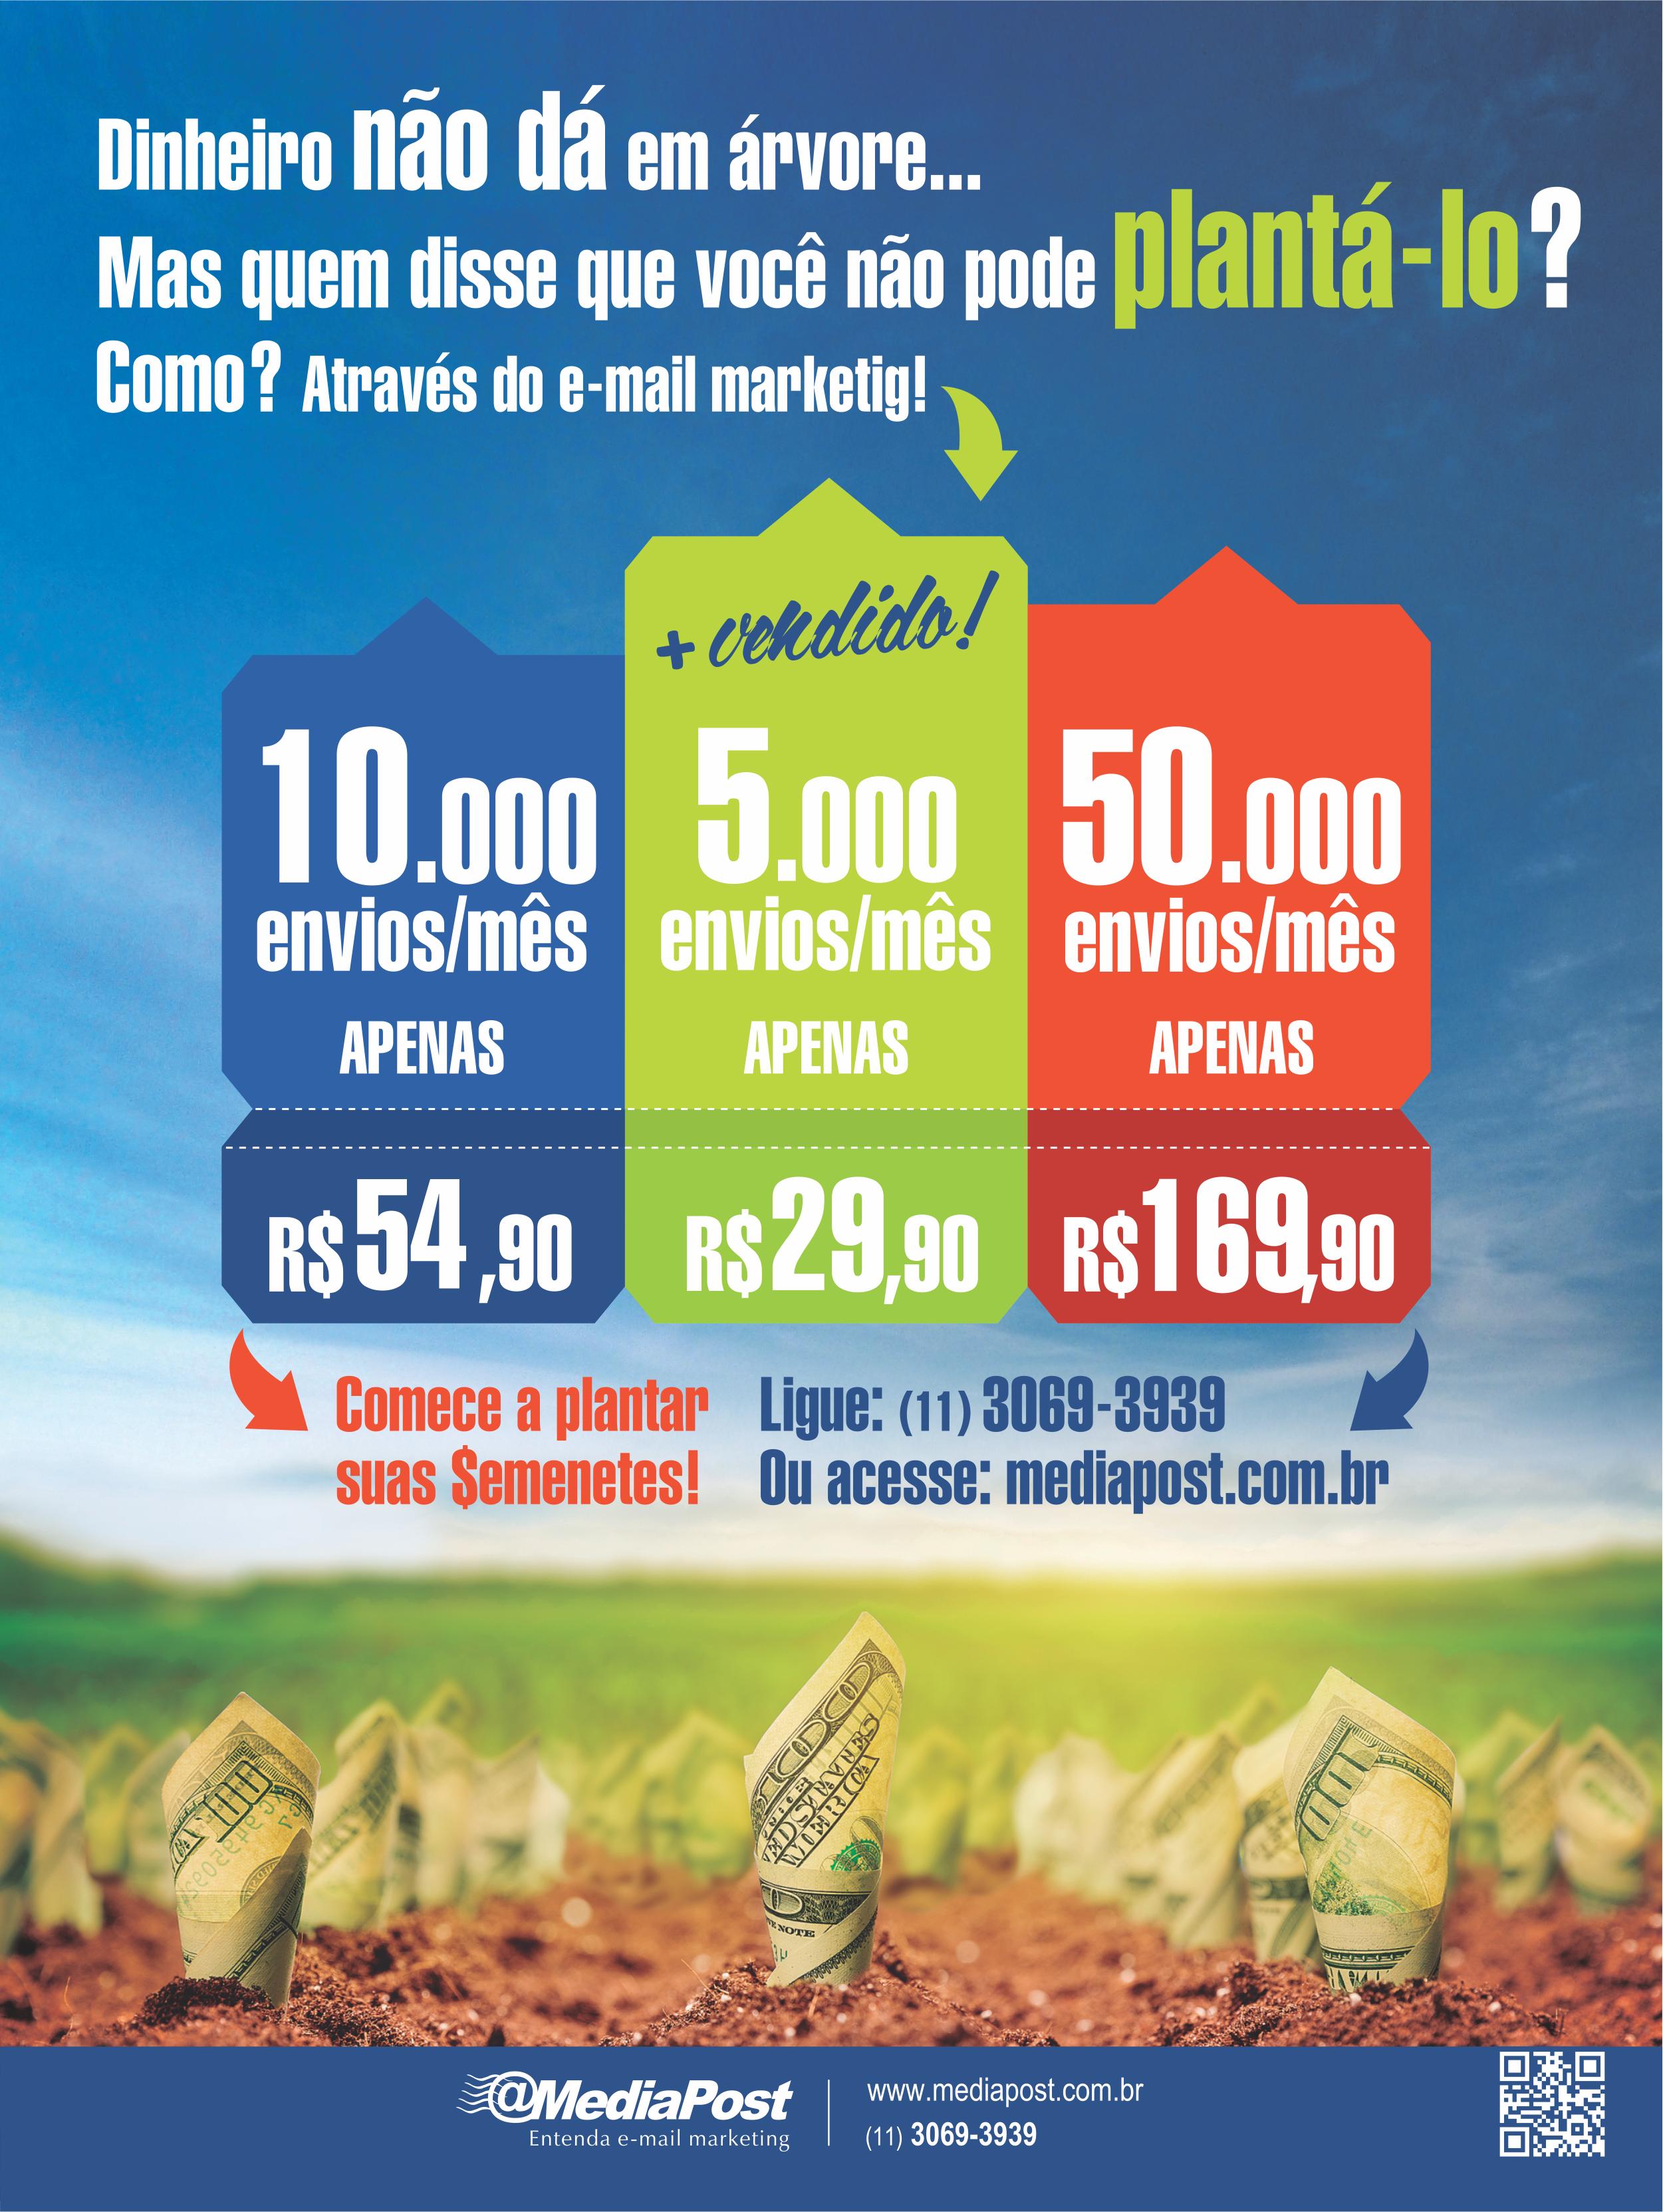 Campanha promocional @MediaPost divulgando os planos de envios com temática Plantação de Dinheiro.